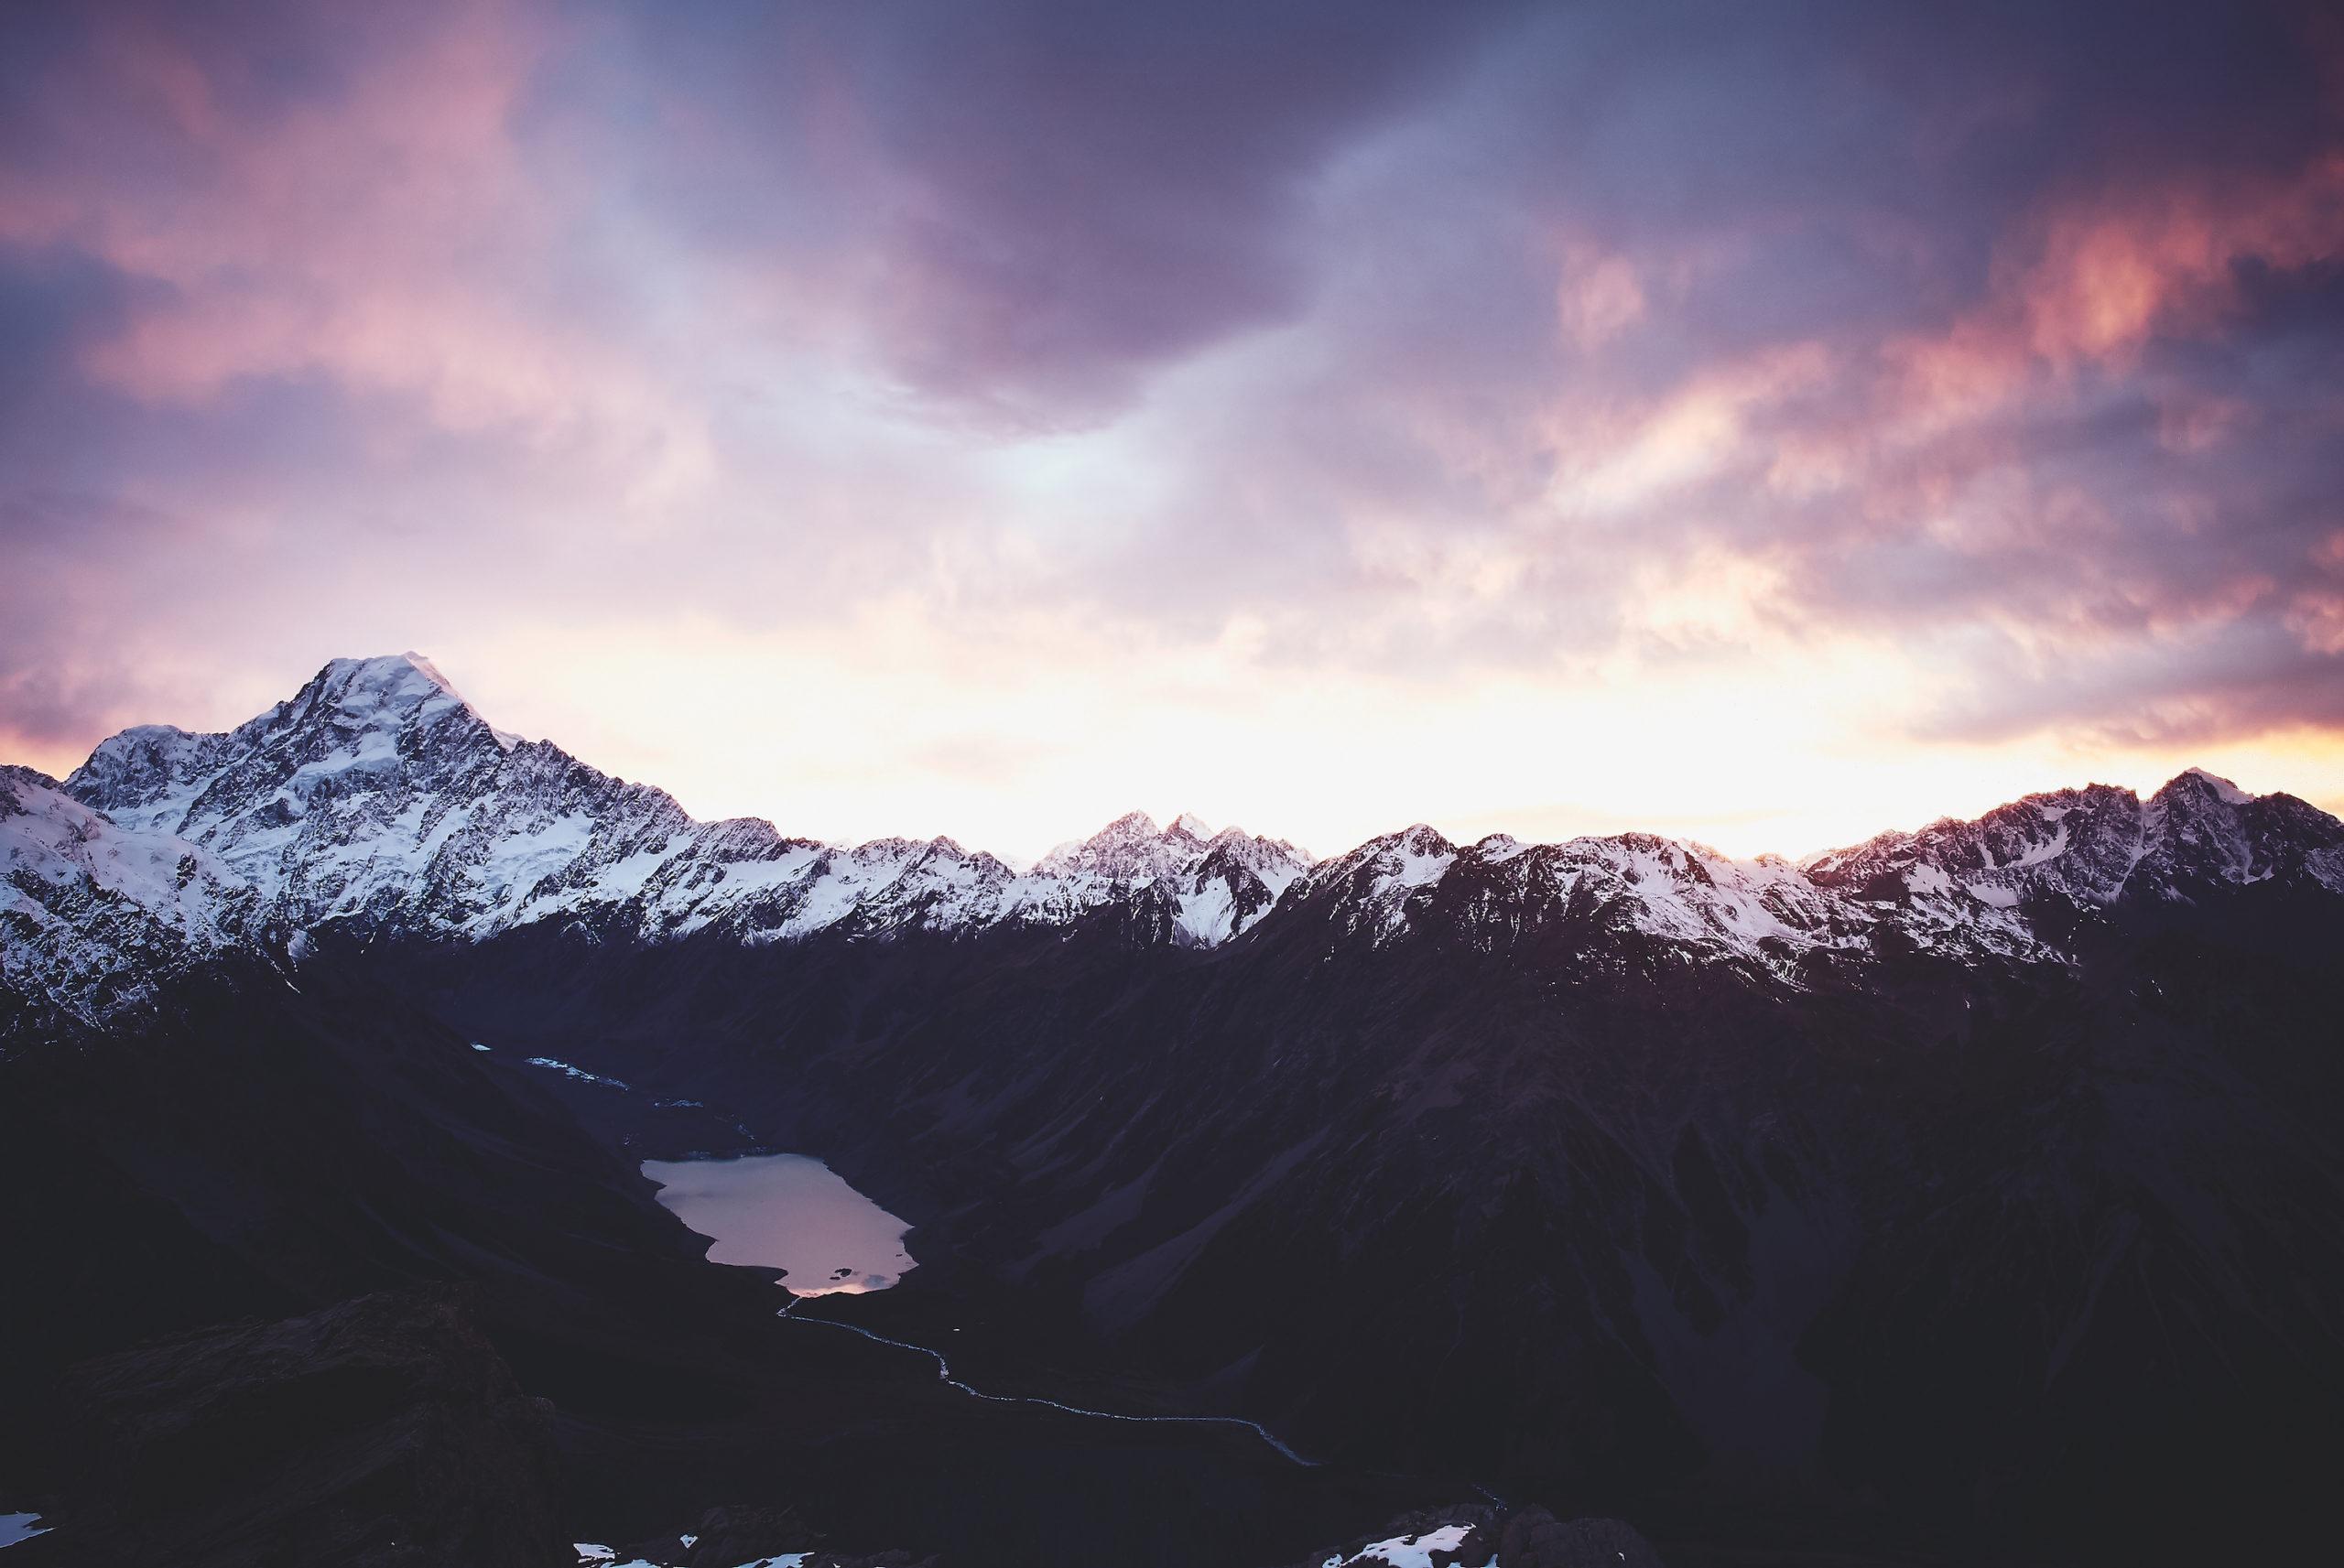 Aoraki, New Zealand